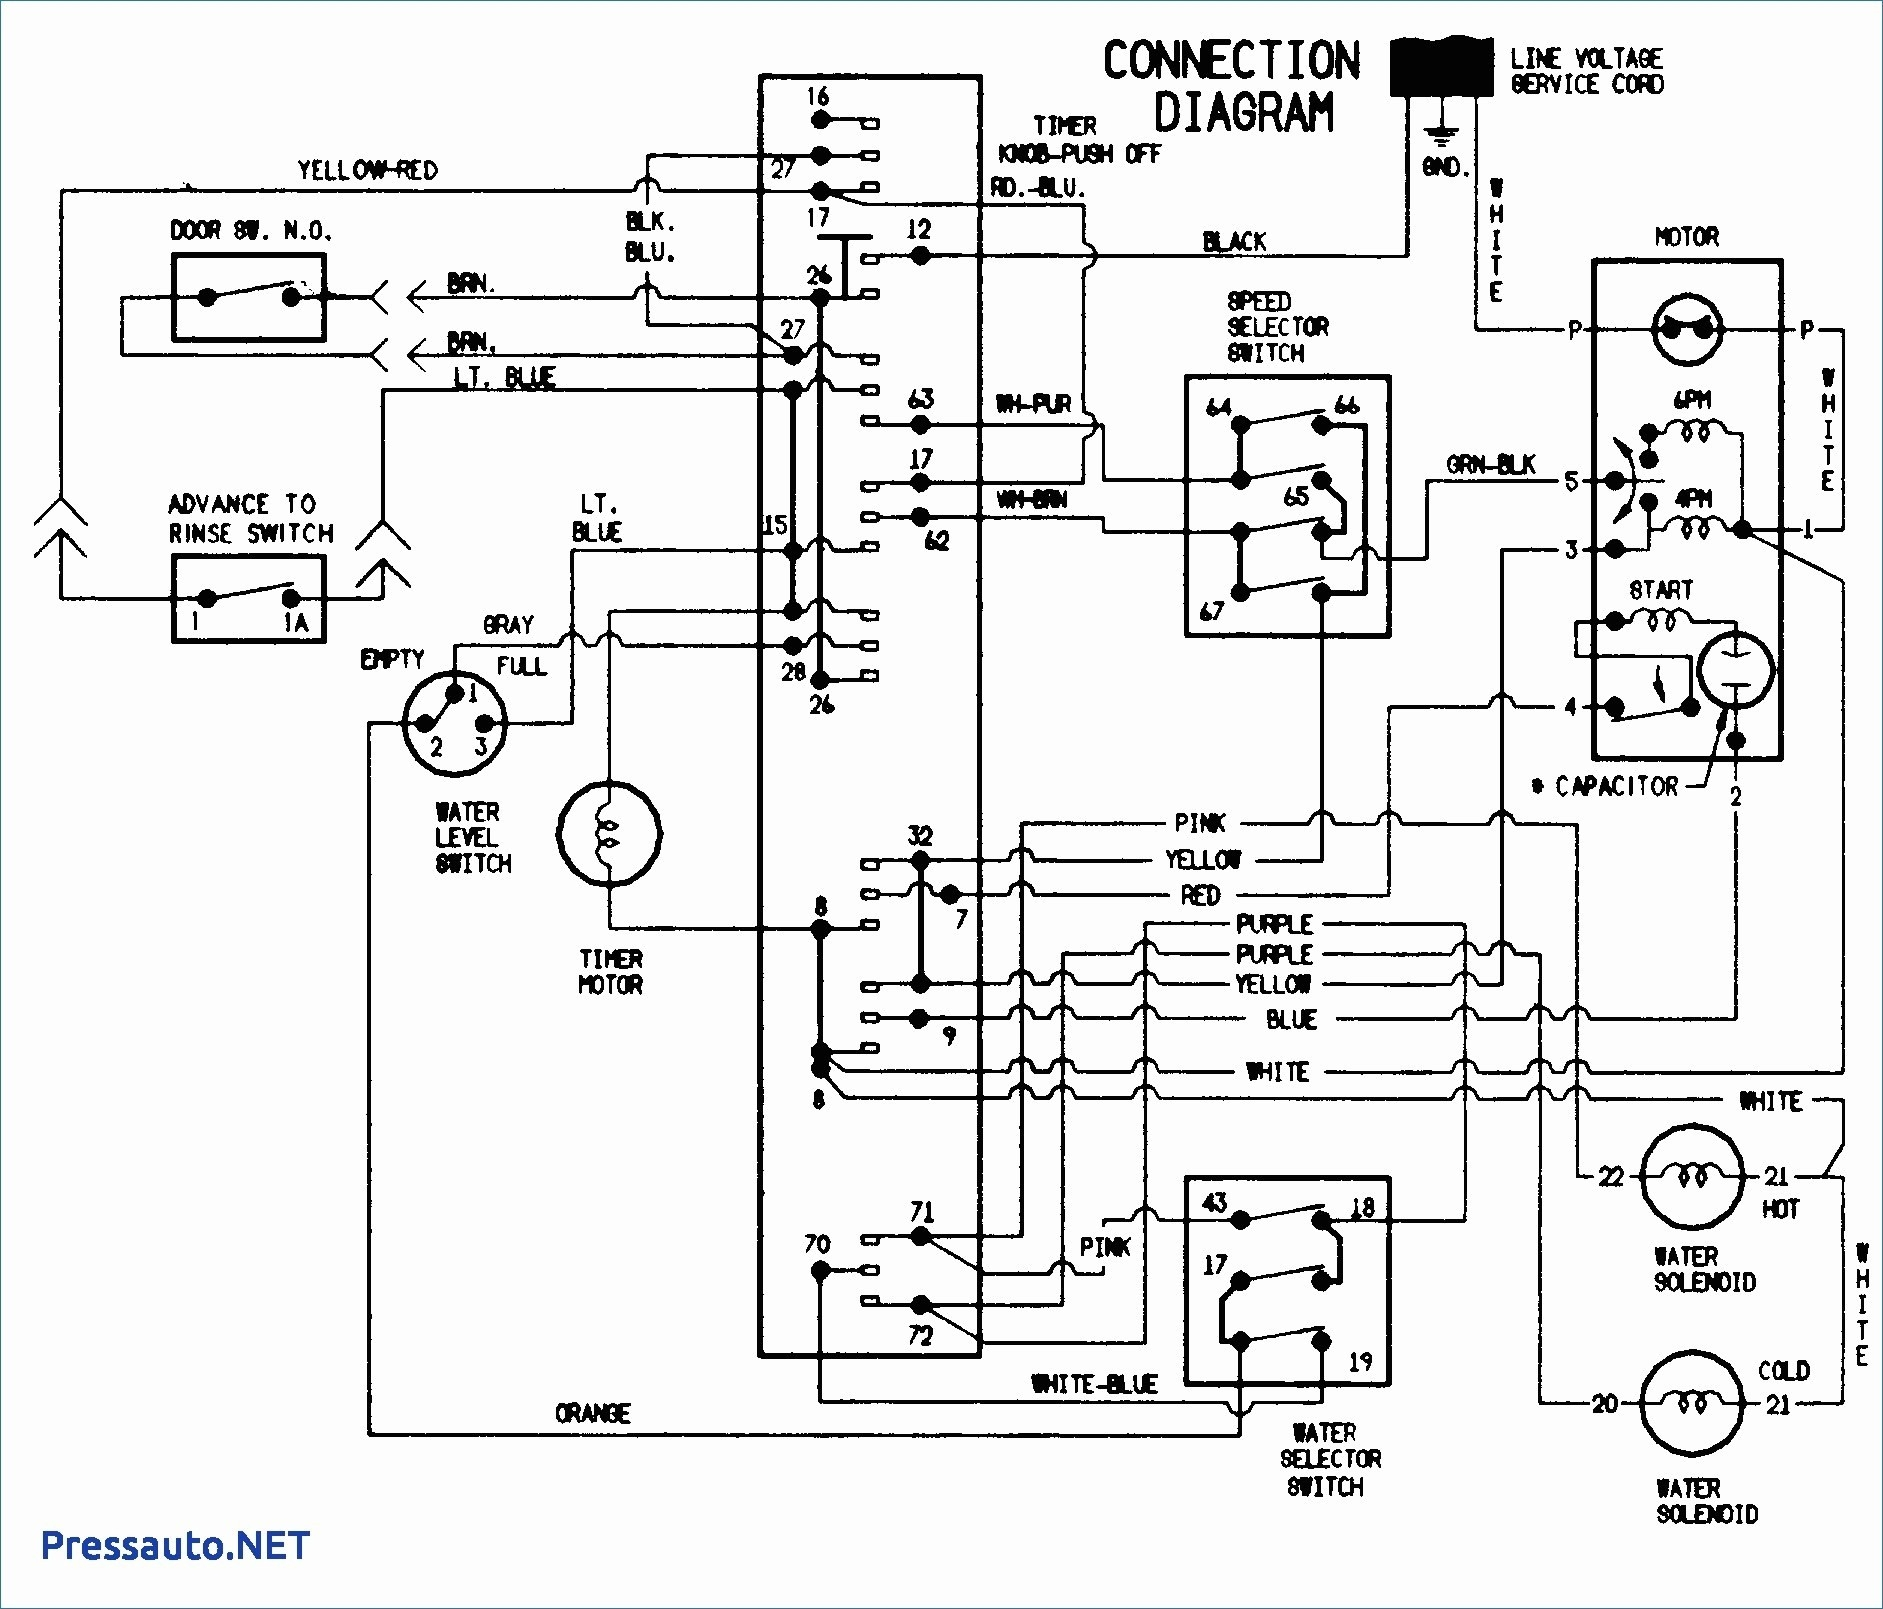 Maytag Dryer Wiring Diagram